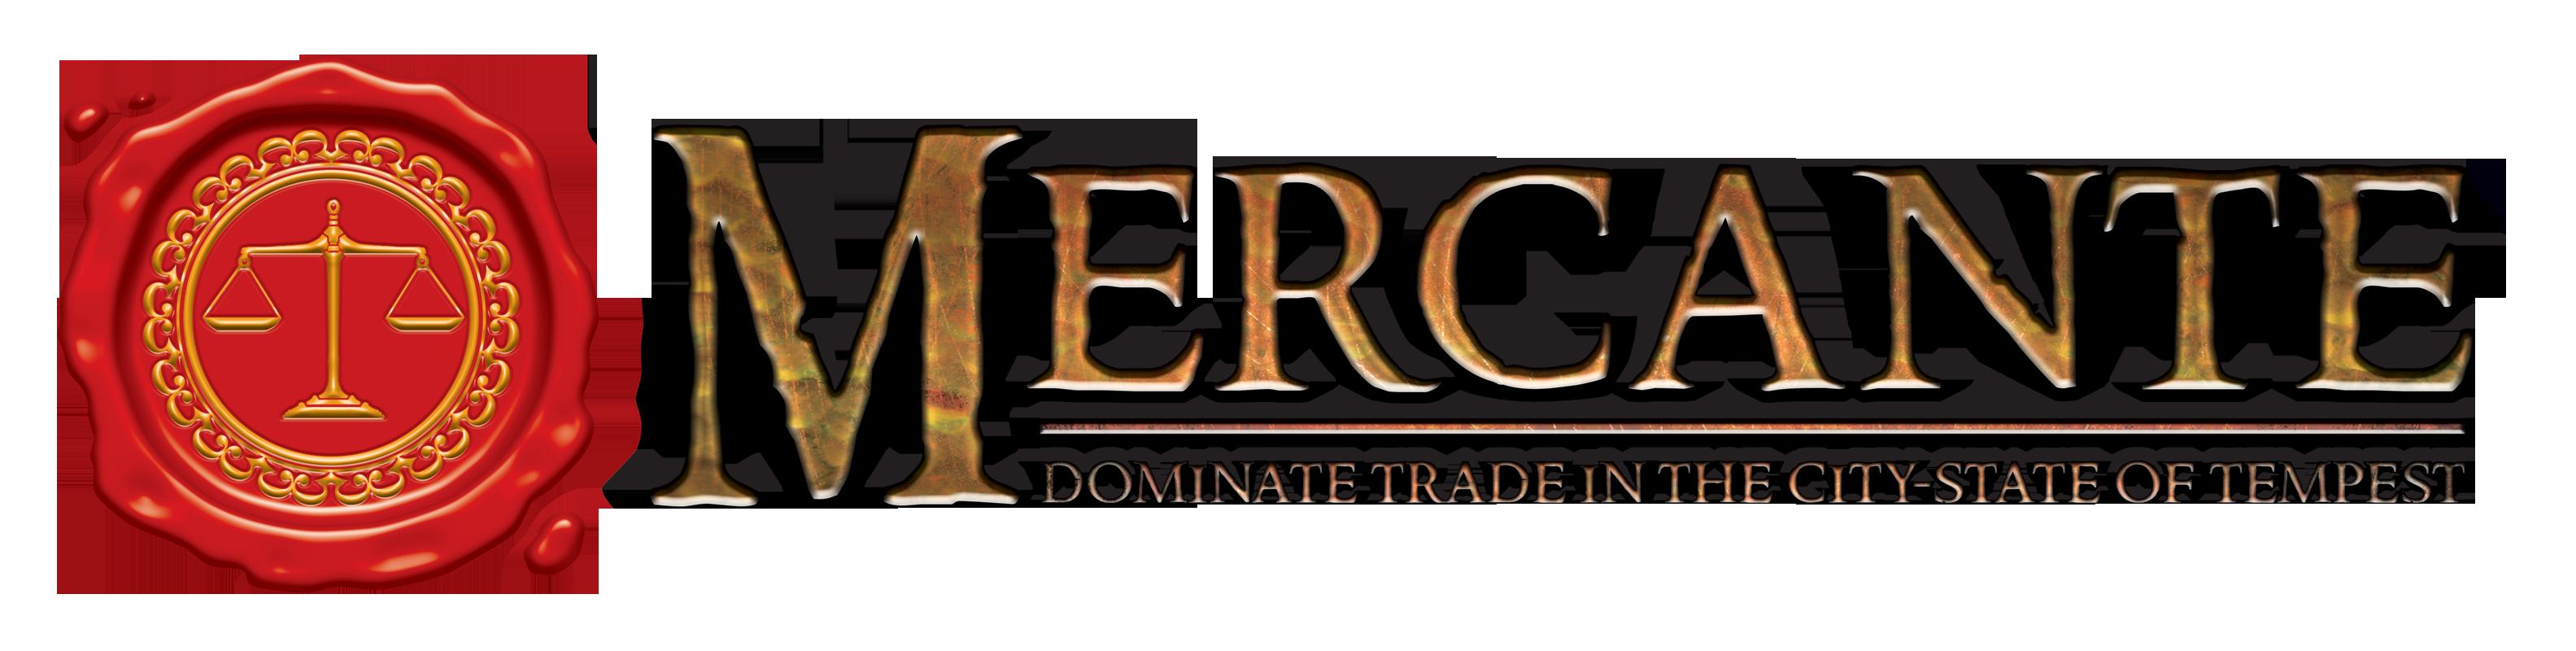 Tlogo_Mercante